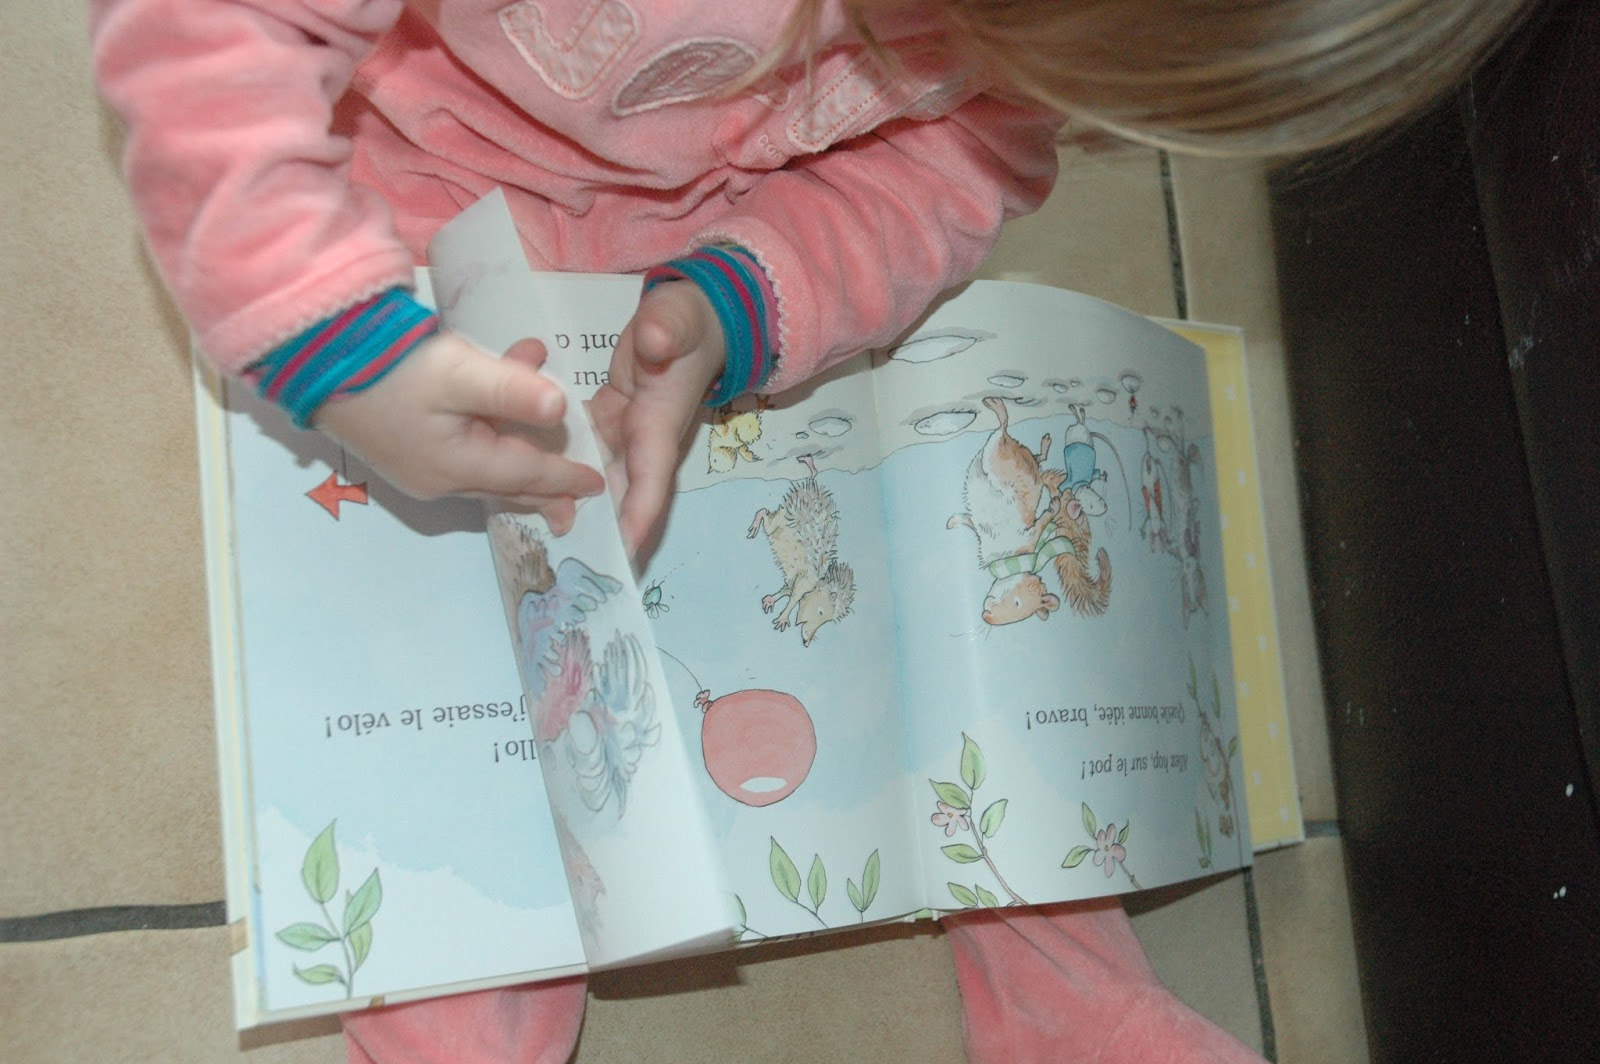 Ana s et sa petite vie coin lecture allez hop sur - Ma fille de 5 ans fait encore pipi au lit ...